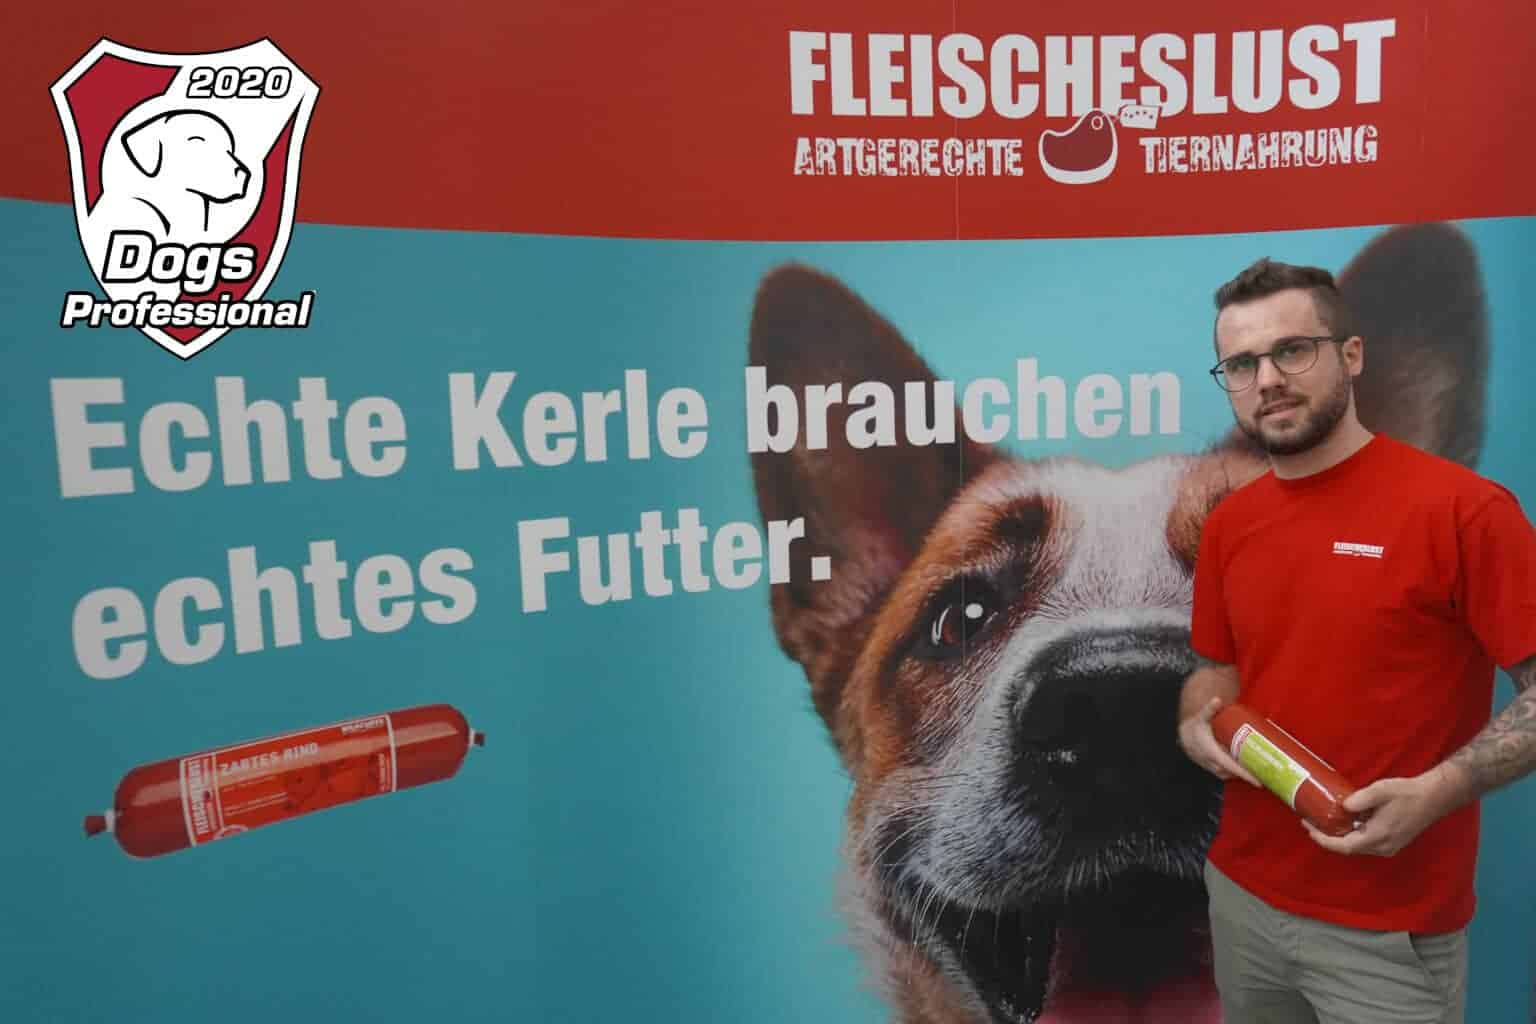 dogs professional 2020 vetmed uni wien fleischeslust